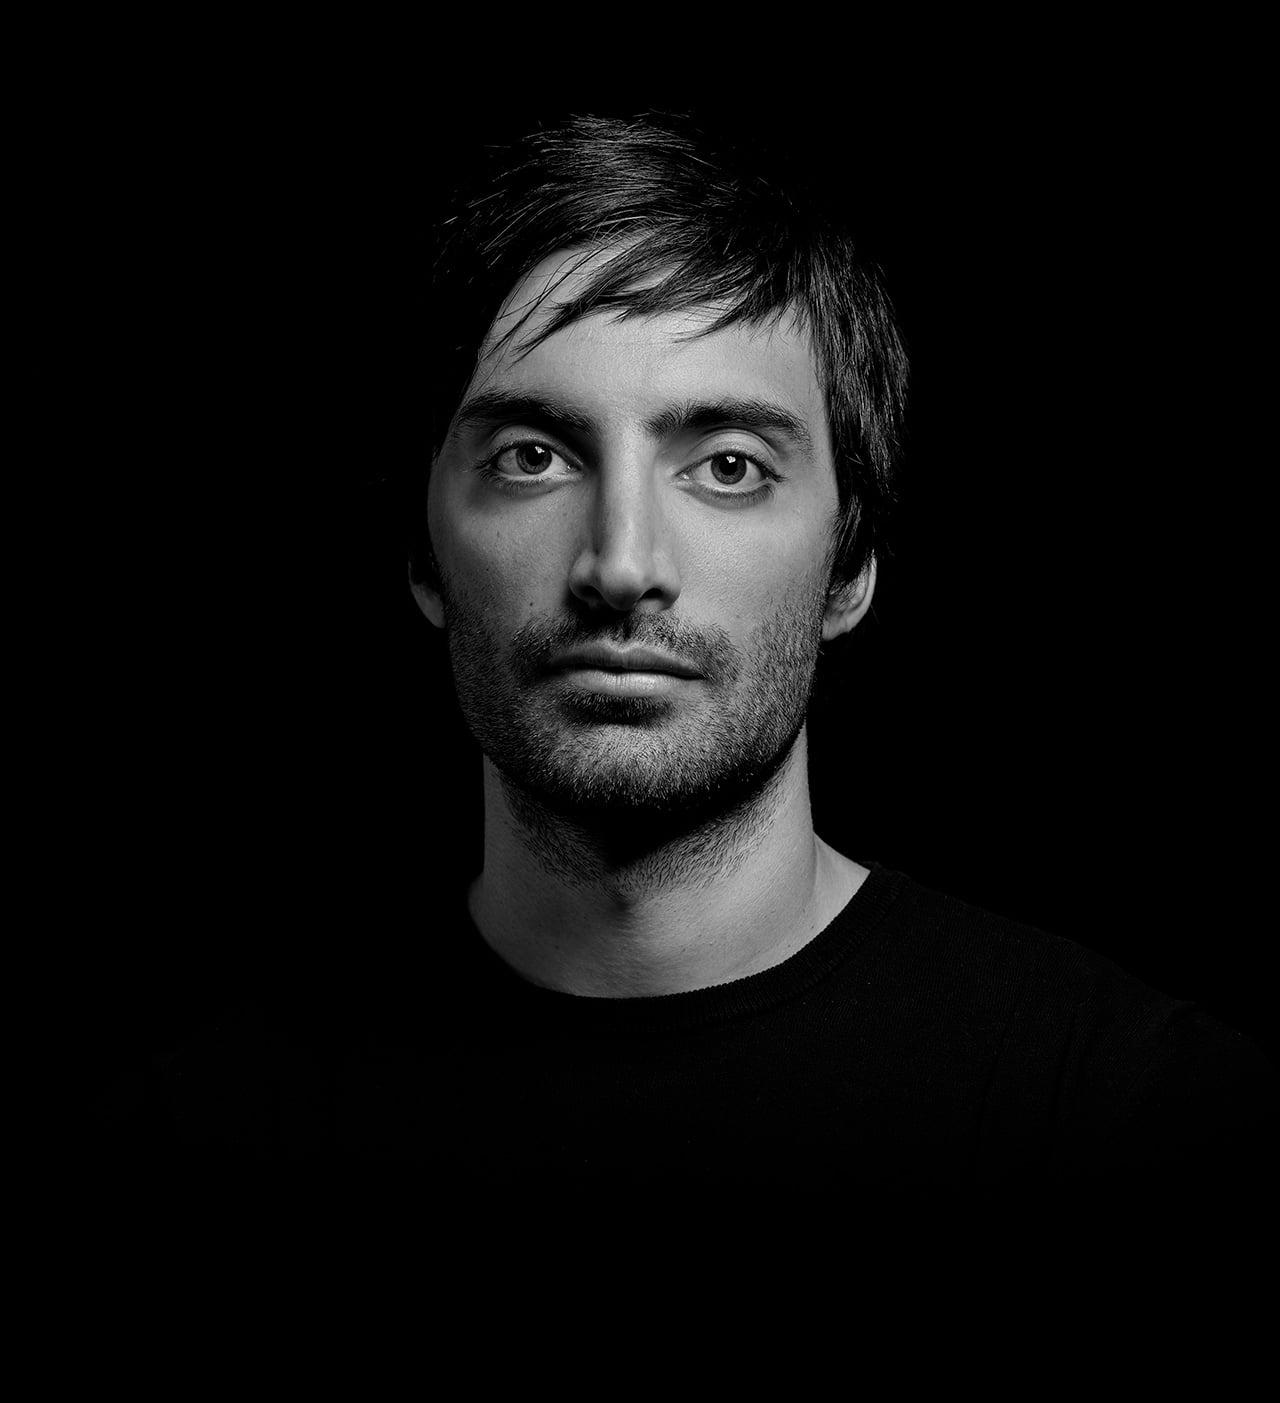 Cose Agency - Renato